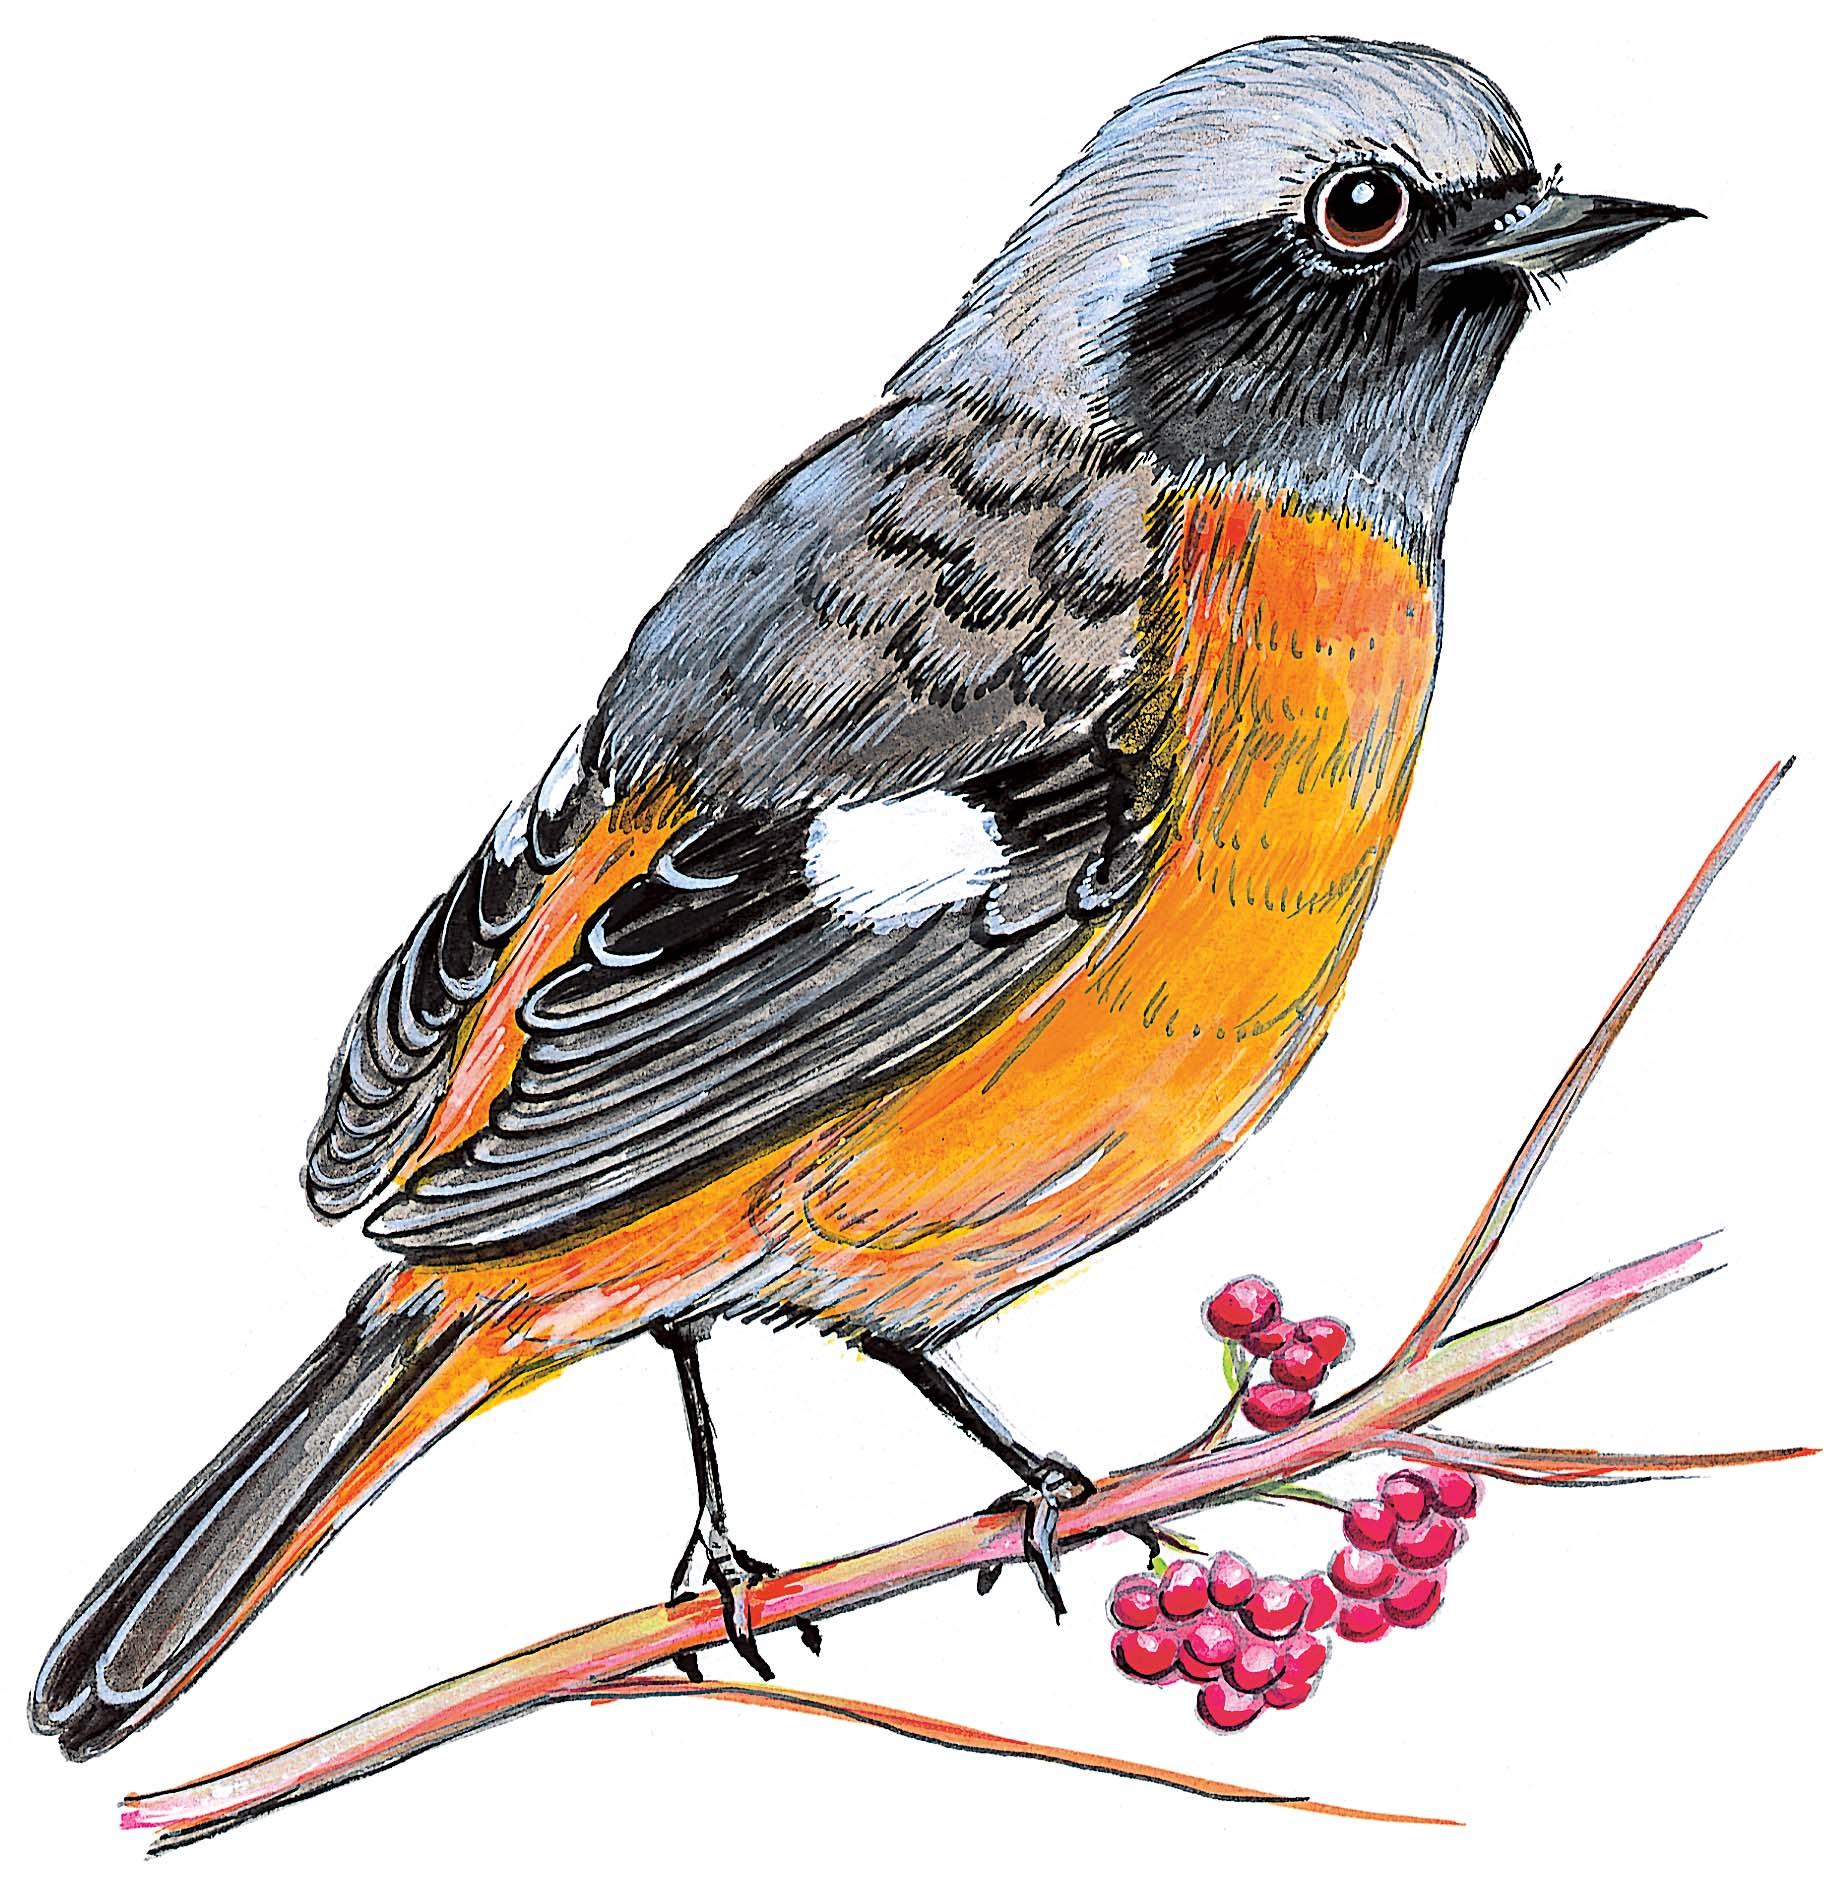 マヒワ 日本の鳥百科 サントリーの愛鳥活動